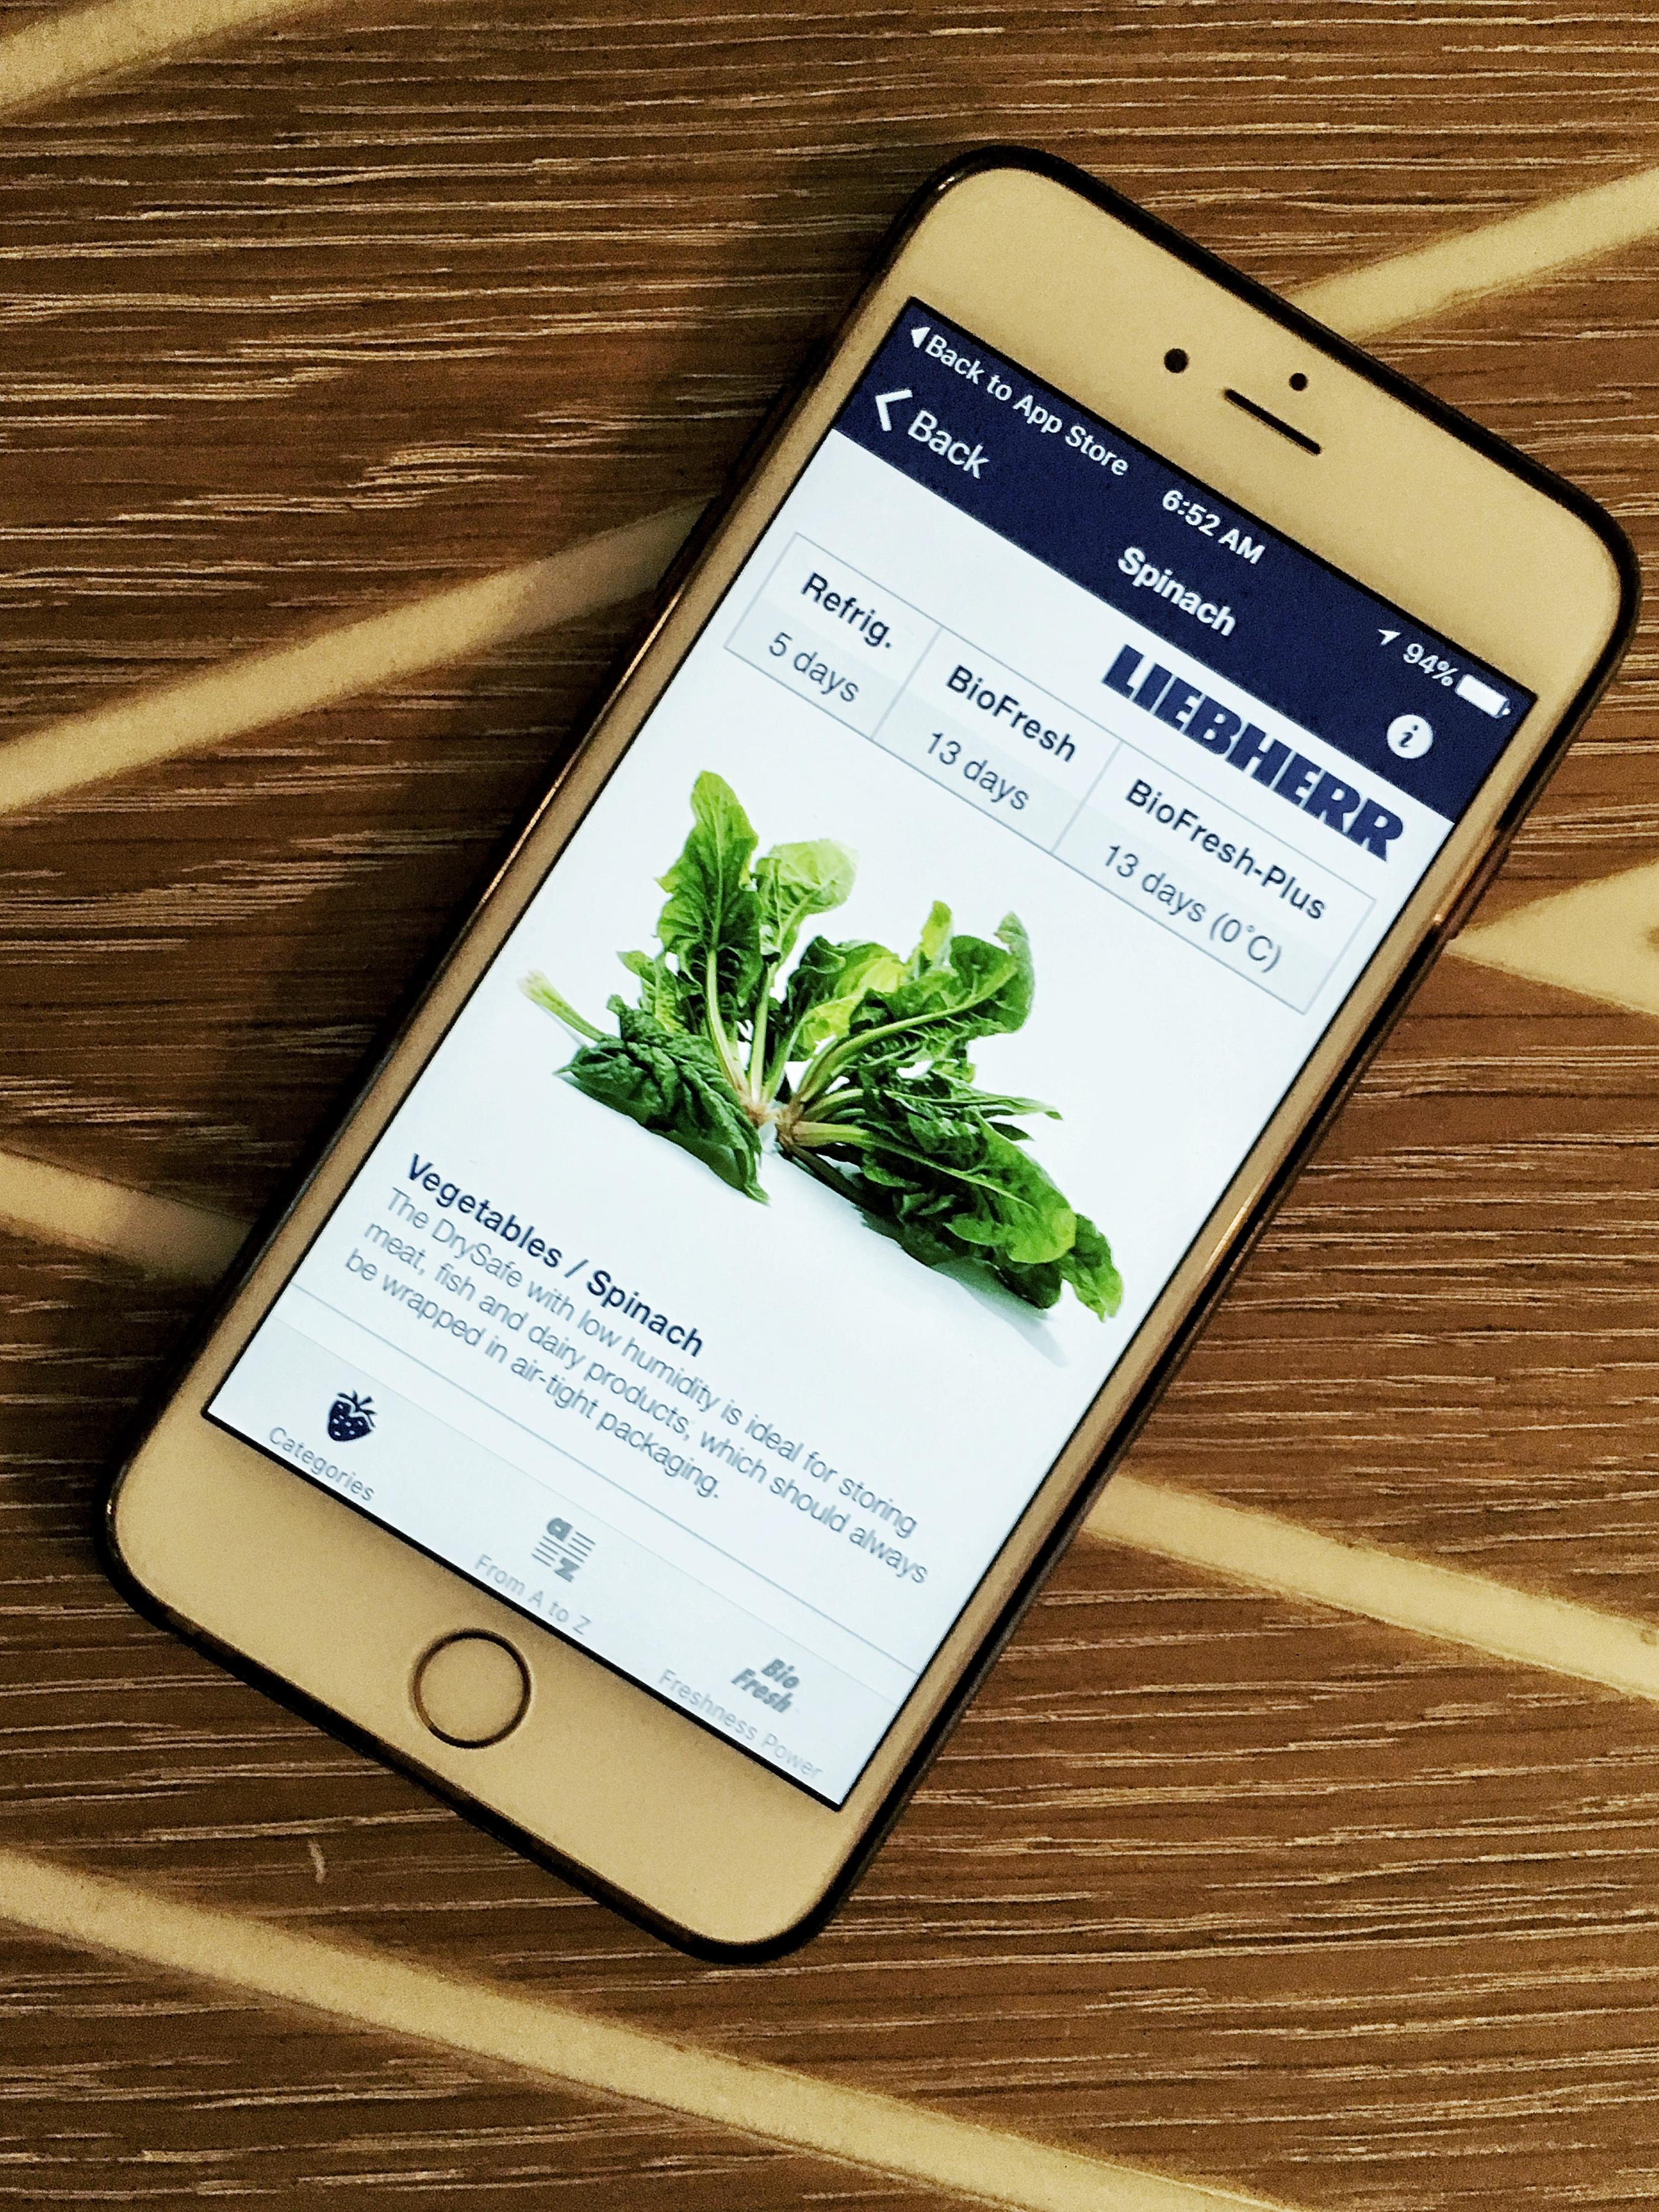 Liebherr Freshness App